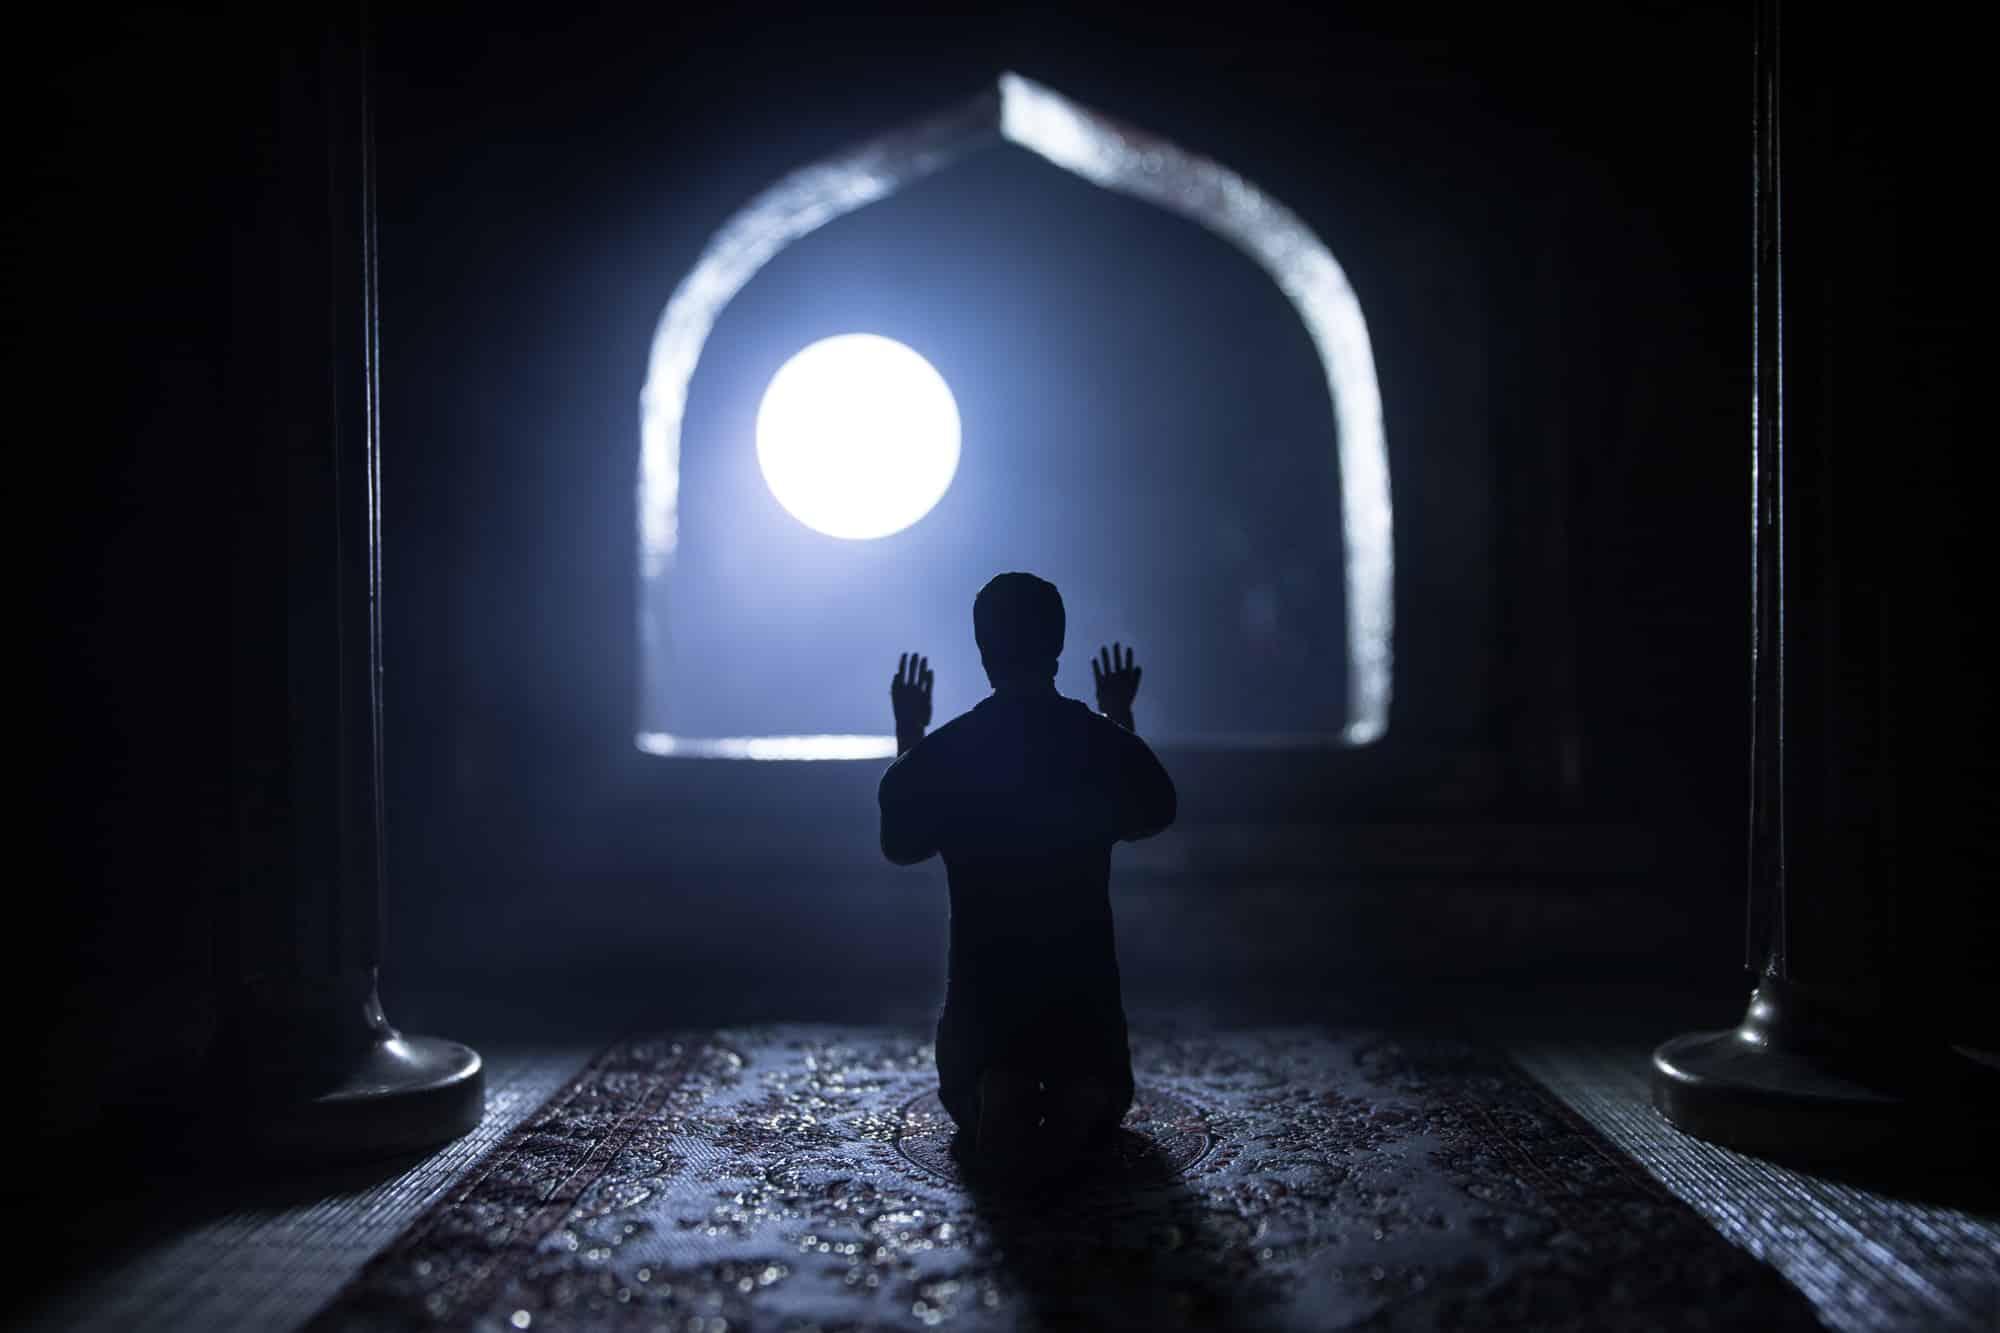 Les prieurs de la nuit en islam par cheikh Mohamed Hendaz